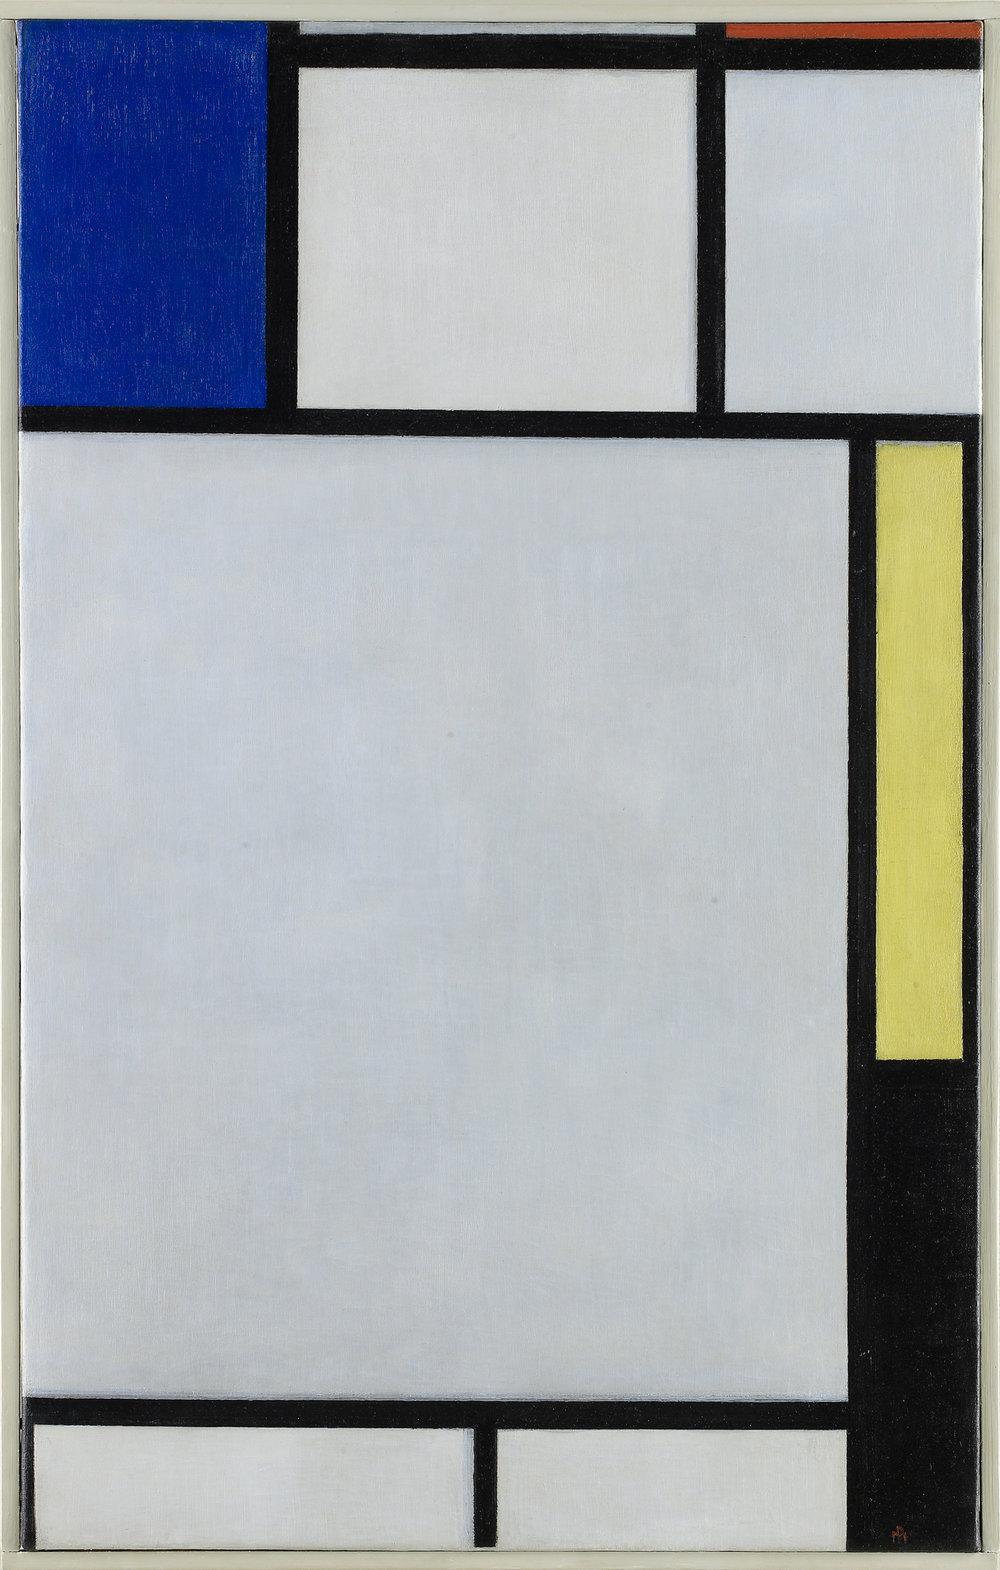 荷蘭抽象畫家蒙德里安 (Piet Mondrian) 的〈紅、黃、藍協奏曲的構成〉 (Composition with Blue, Red, Yellow and Black)。這件作品是從在2009年佳士得的伊夫•聖羅蘭 (Yves Saint Laurent)及皮埃爾•伯奇(Pierre Bergé) 的世紀拍賣中投得© Louvre Abu Dhabi / Thierry Ollivier © 2015 Mondrian / Holtzman Trust.jpg